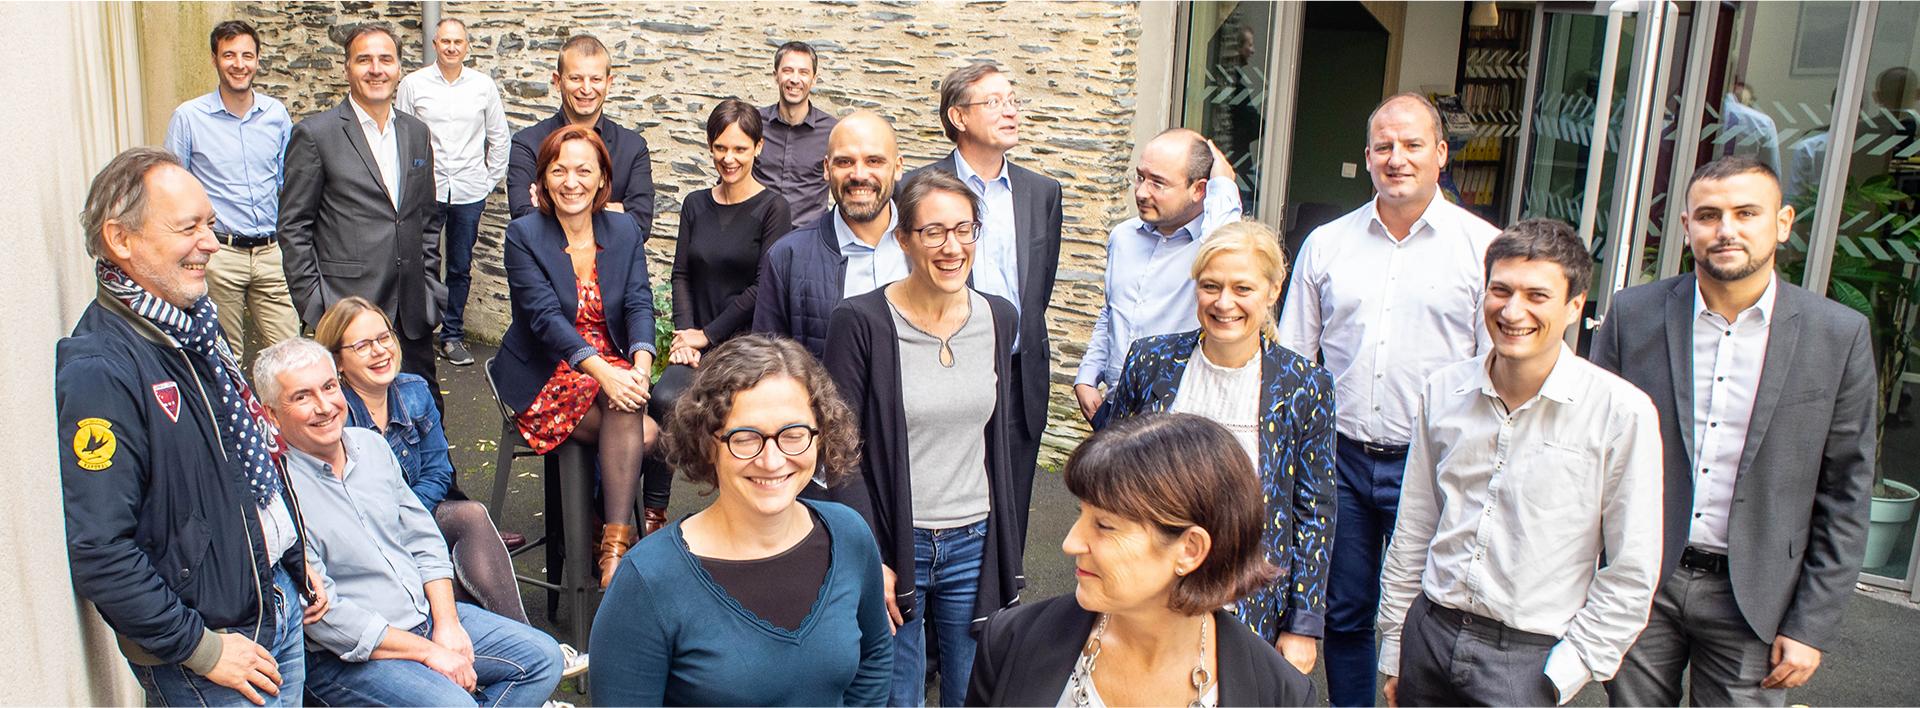 Toute l'équipe en conseil en financement de l'innovation de l'agence Absiskey d'Angers (49)